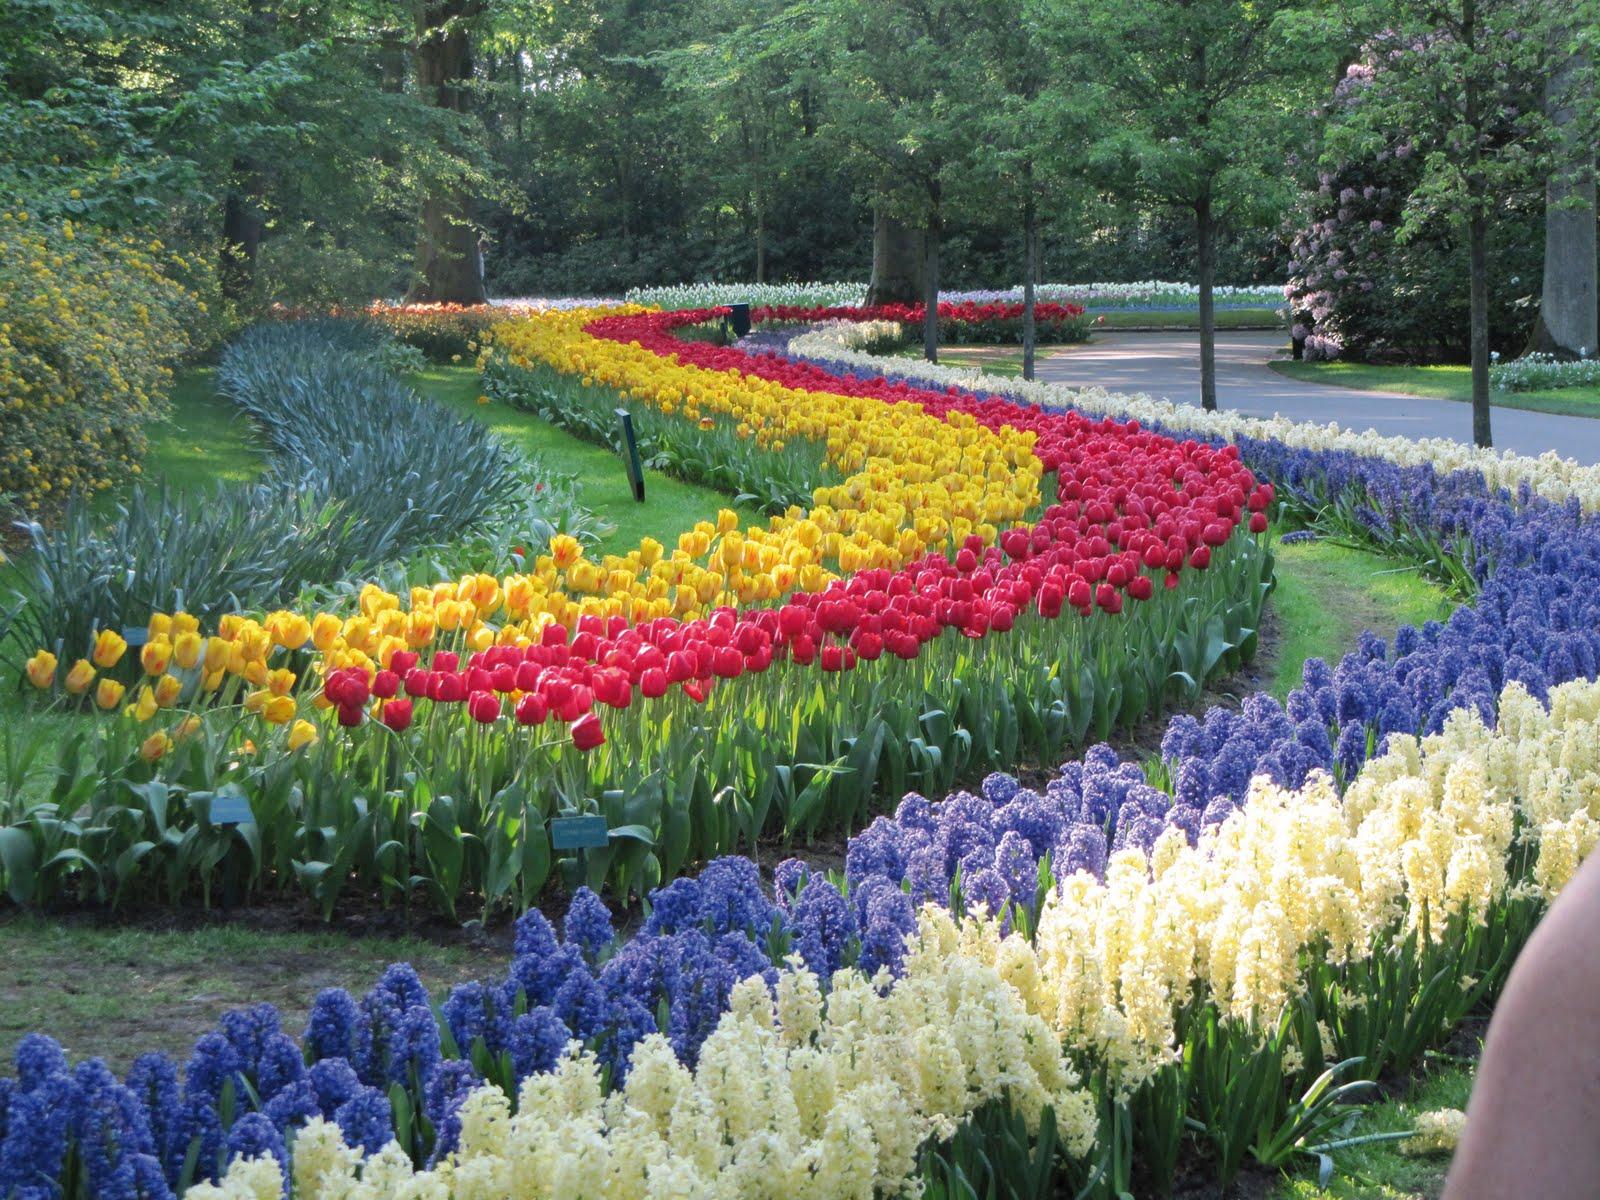 Holanda la tierra de los tulipanes paralelo 20 - Jardines de tulipanes en holanda ...